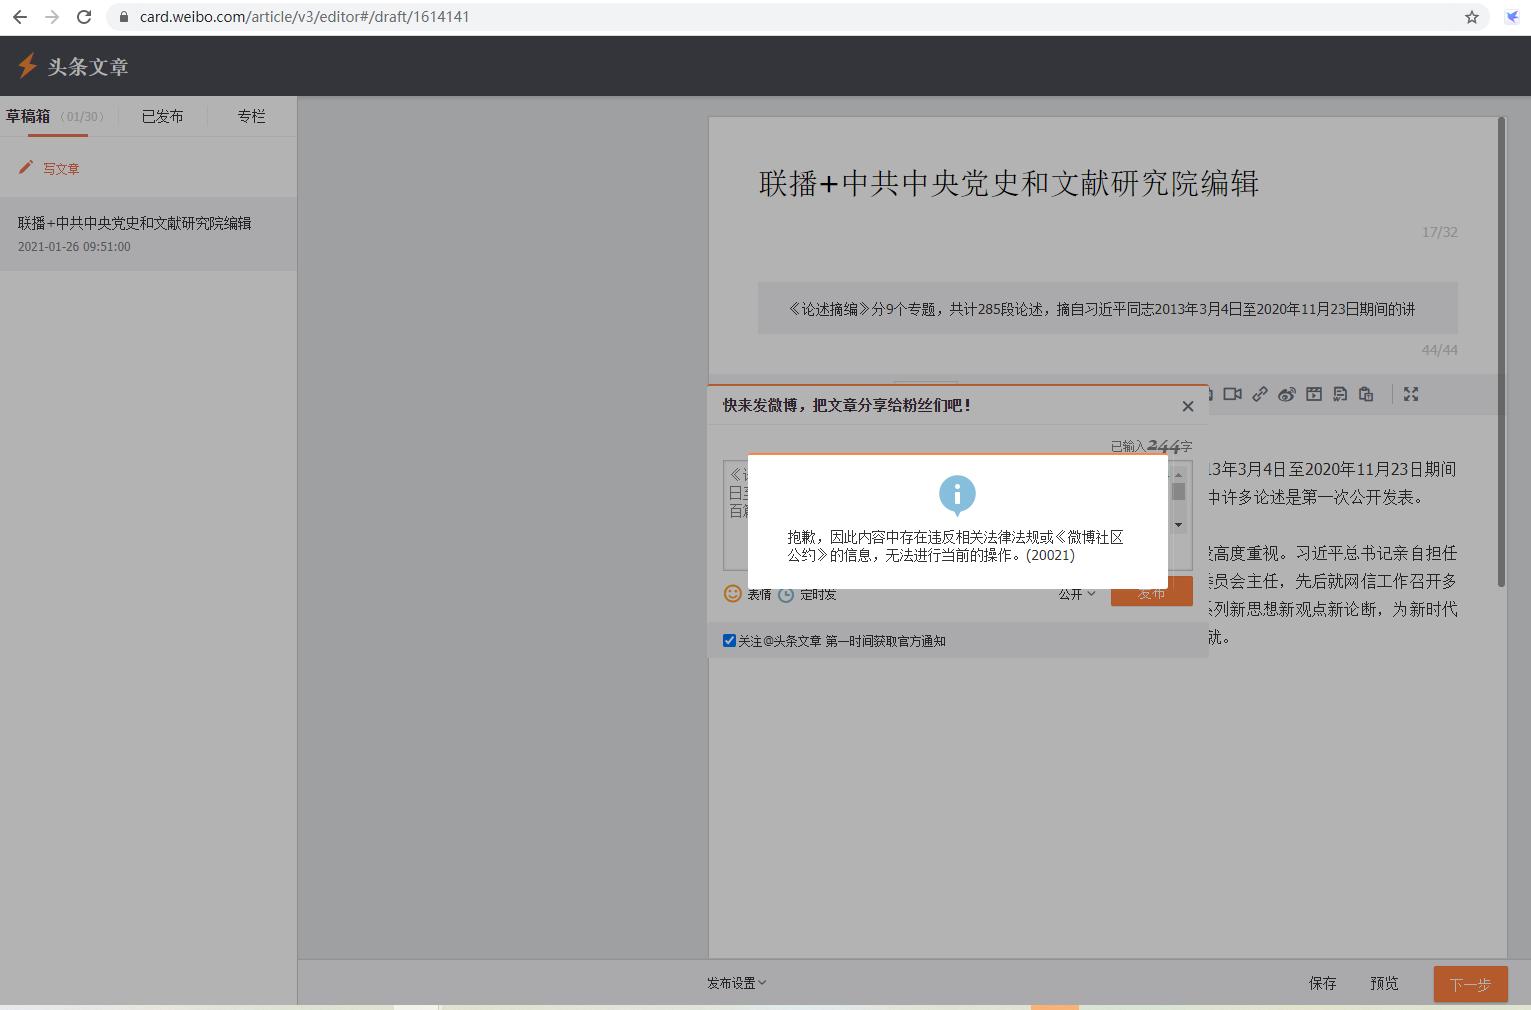 登录微博后,编写头条文章,使用同样的内容。点击发布按钮后,提示:抱歉,因此内容中存在违反相关法律法规或《微博社区公约》的信息,无法进行当前的操作。(20021)。